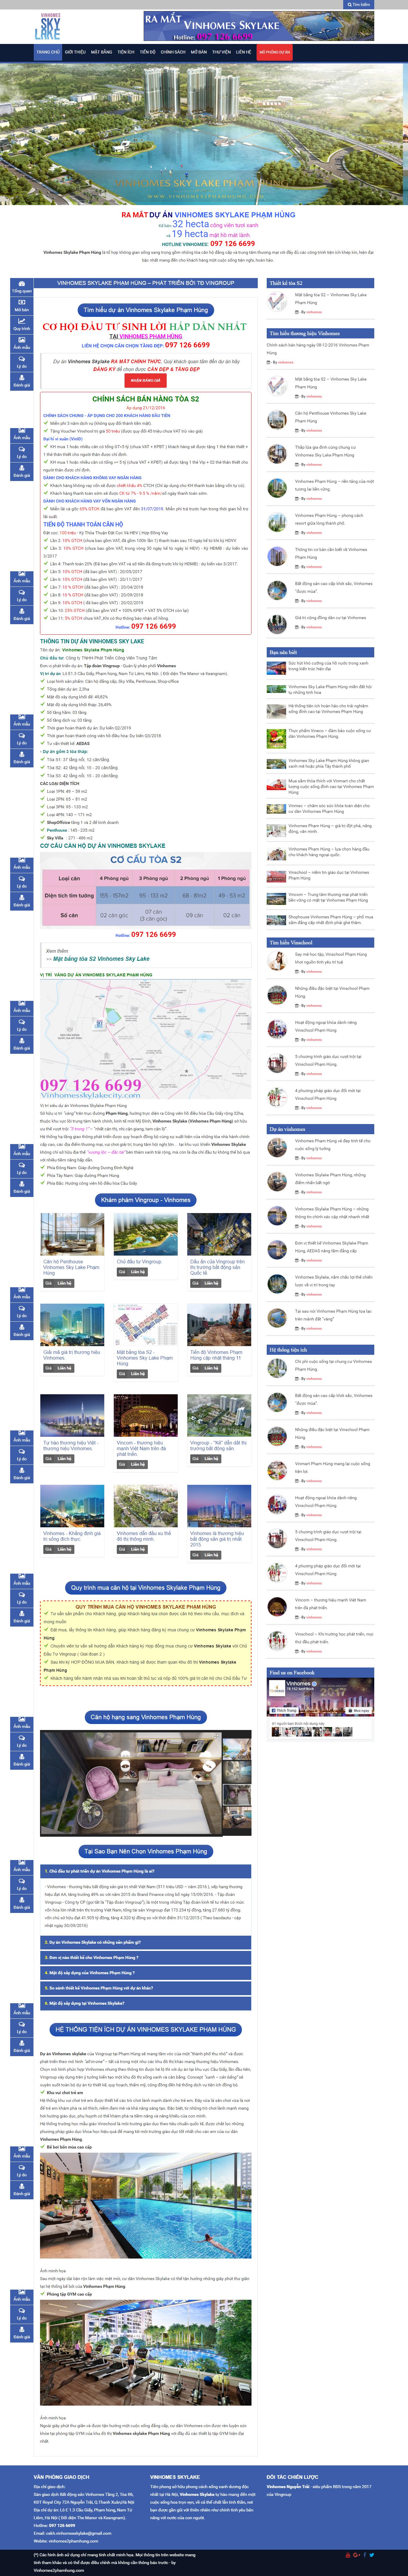 Giao diện website Bất động sản Z - 96